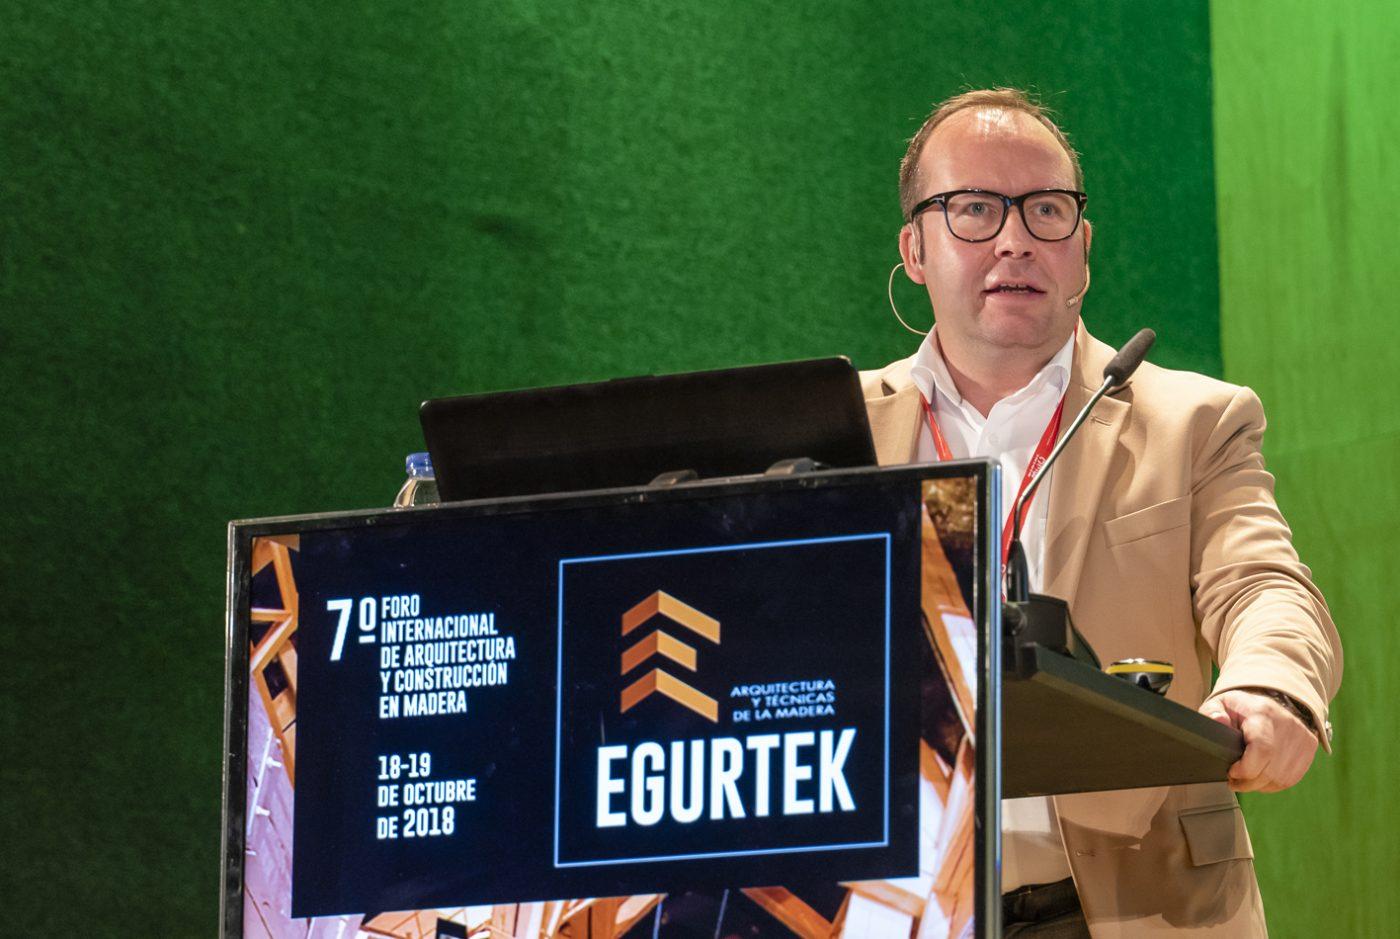 Ponentes internacionales compartirán en EGURTEK sus conocimientos, experiencias y retos conseguidos durante su trayectoria profesional en la construcción con madera